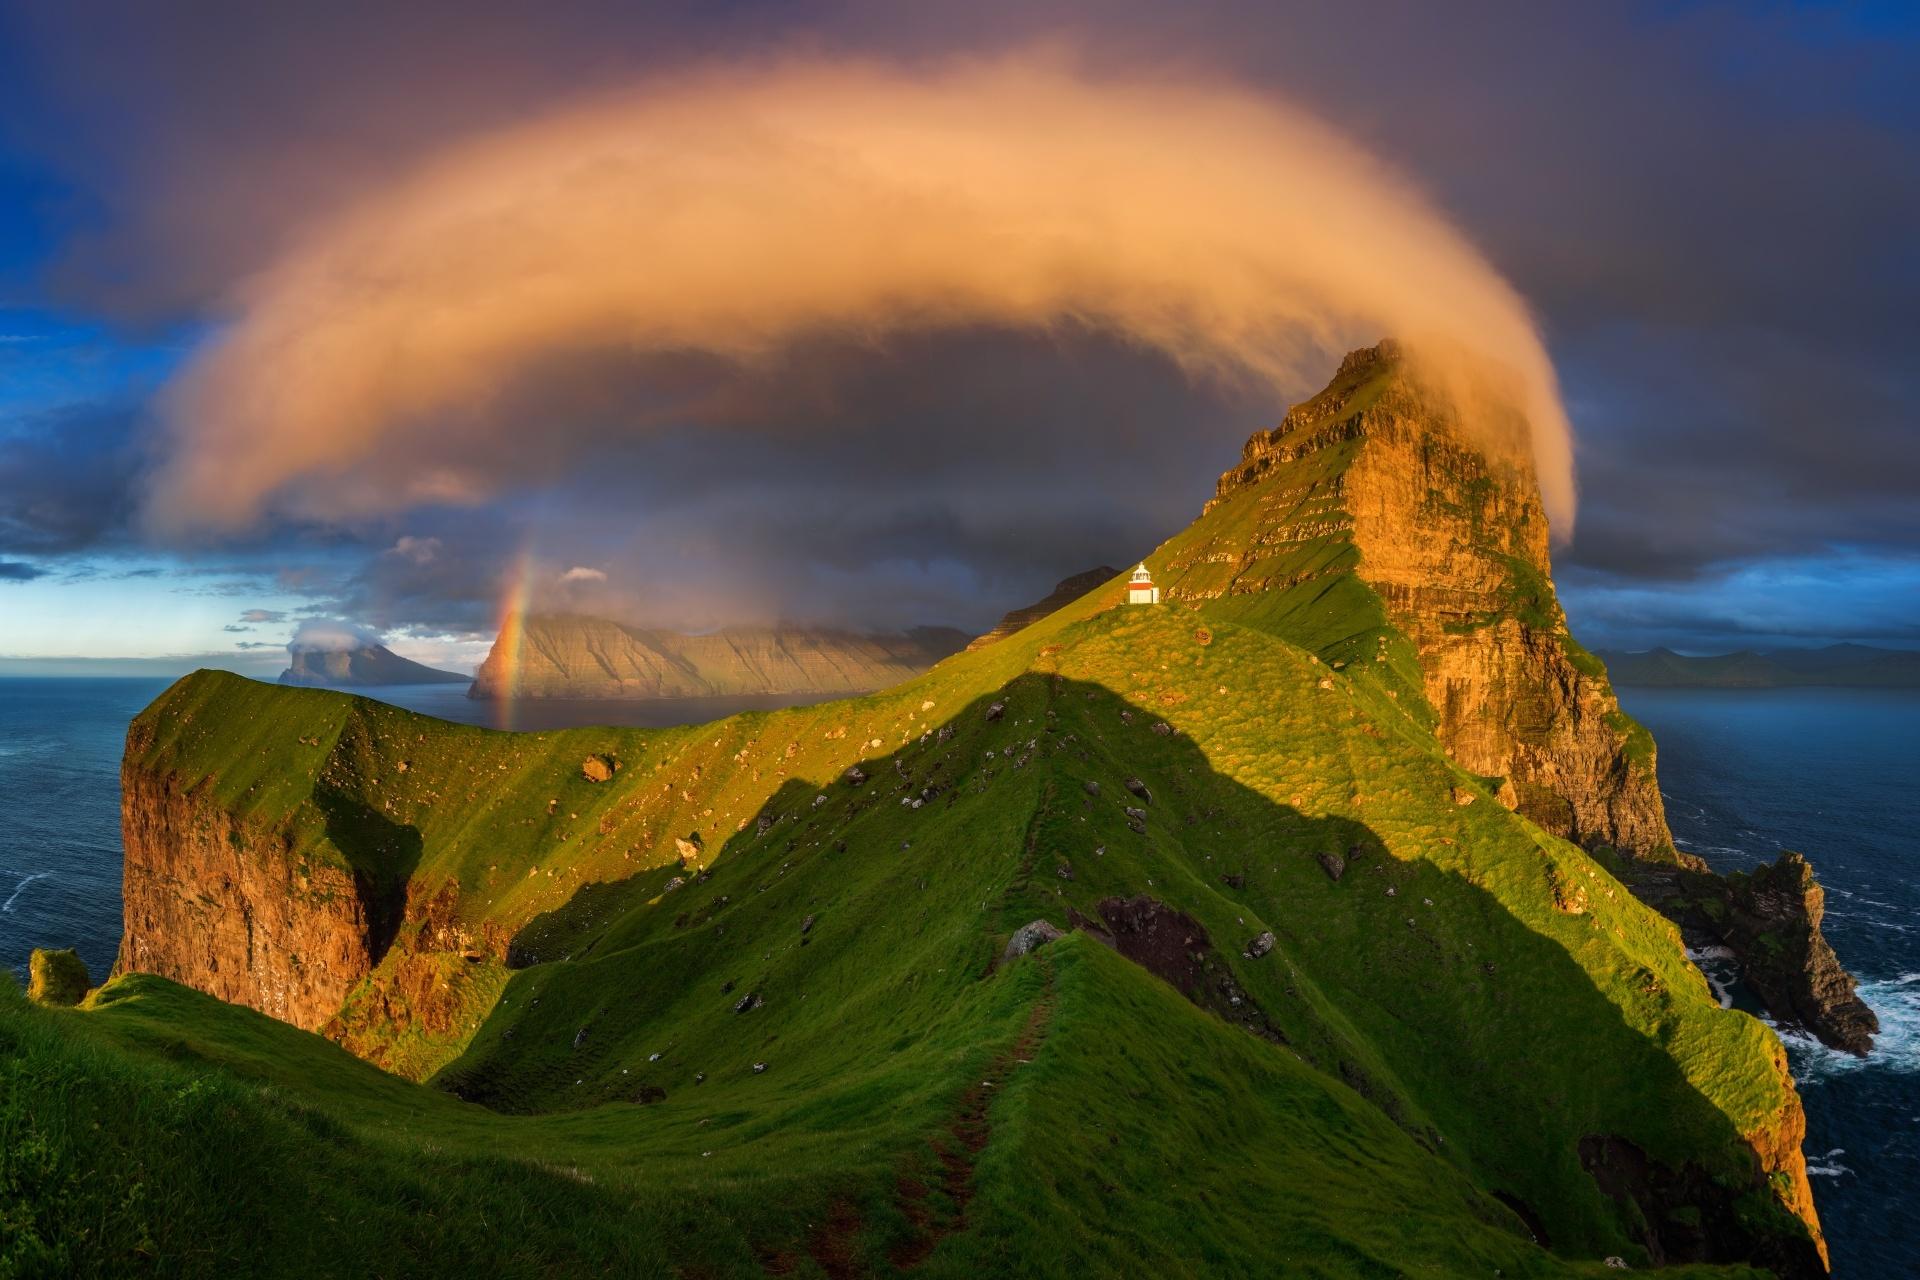 フェロー諸島 ケァルソイ島の風景 デンマークの風景